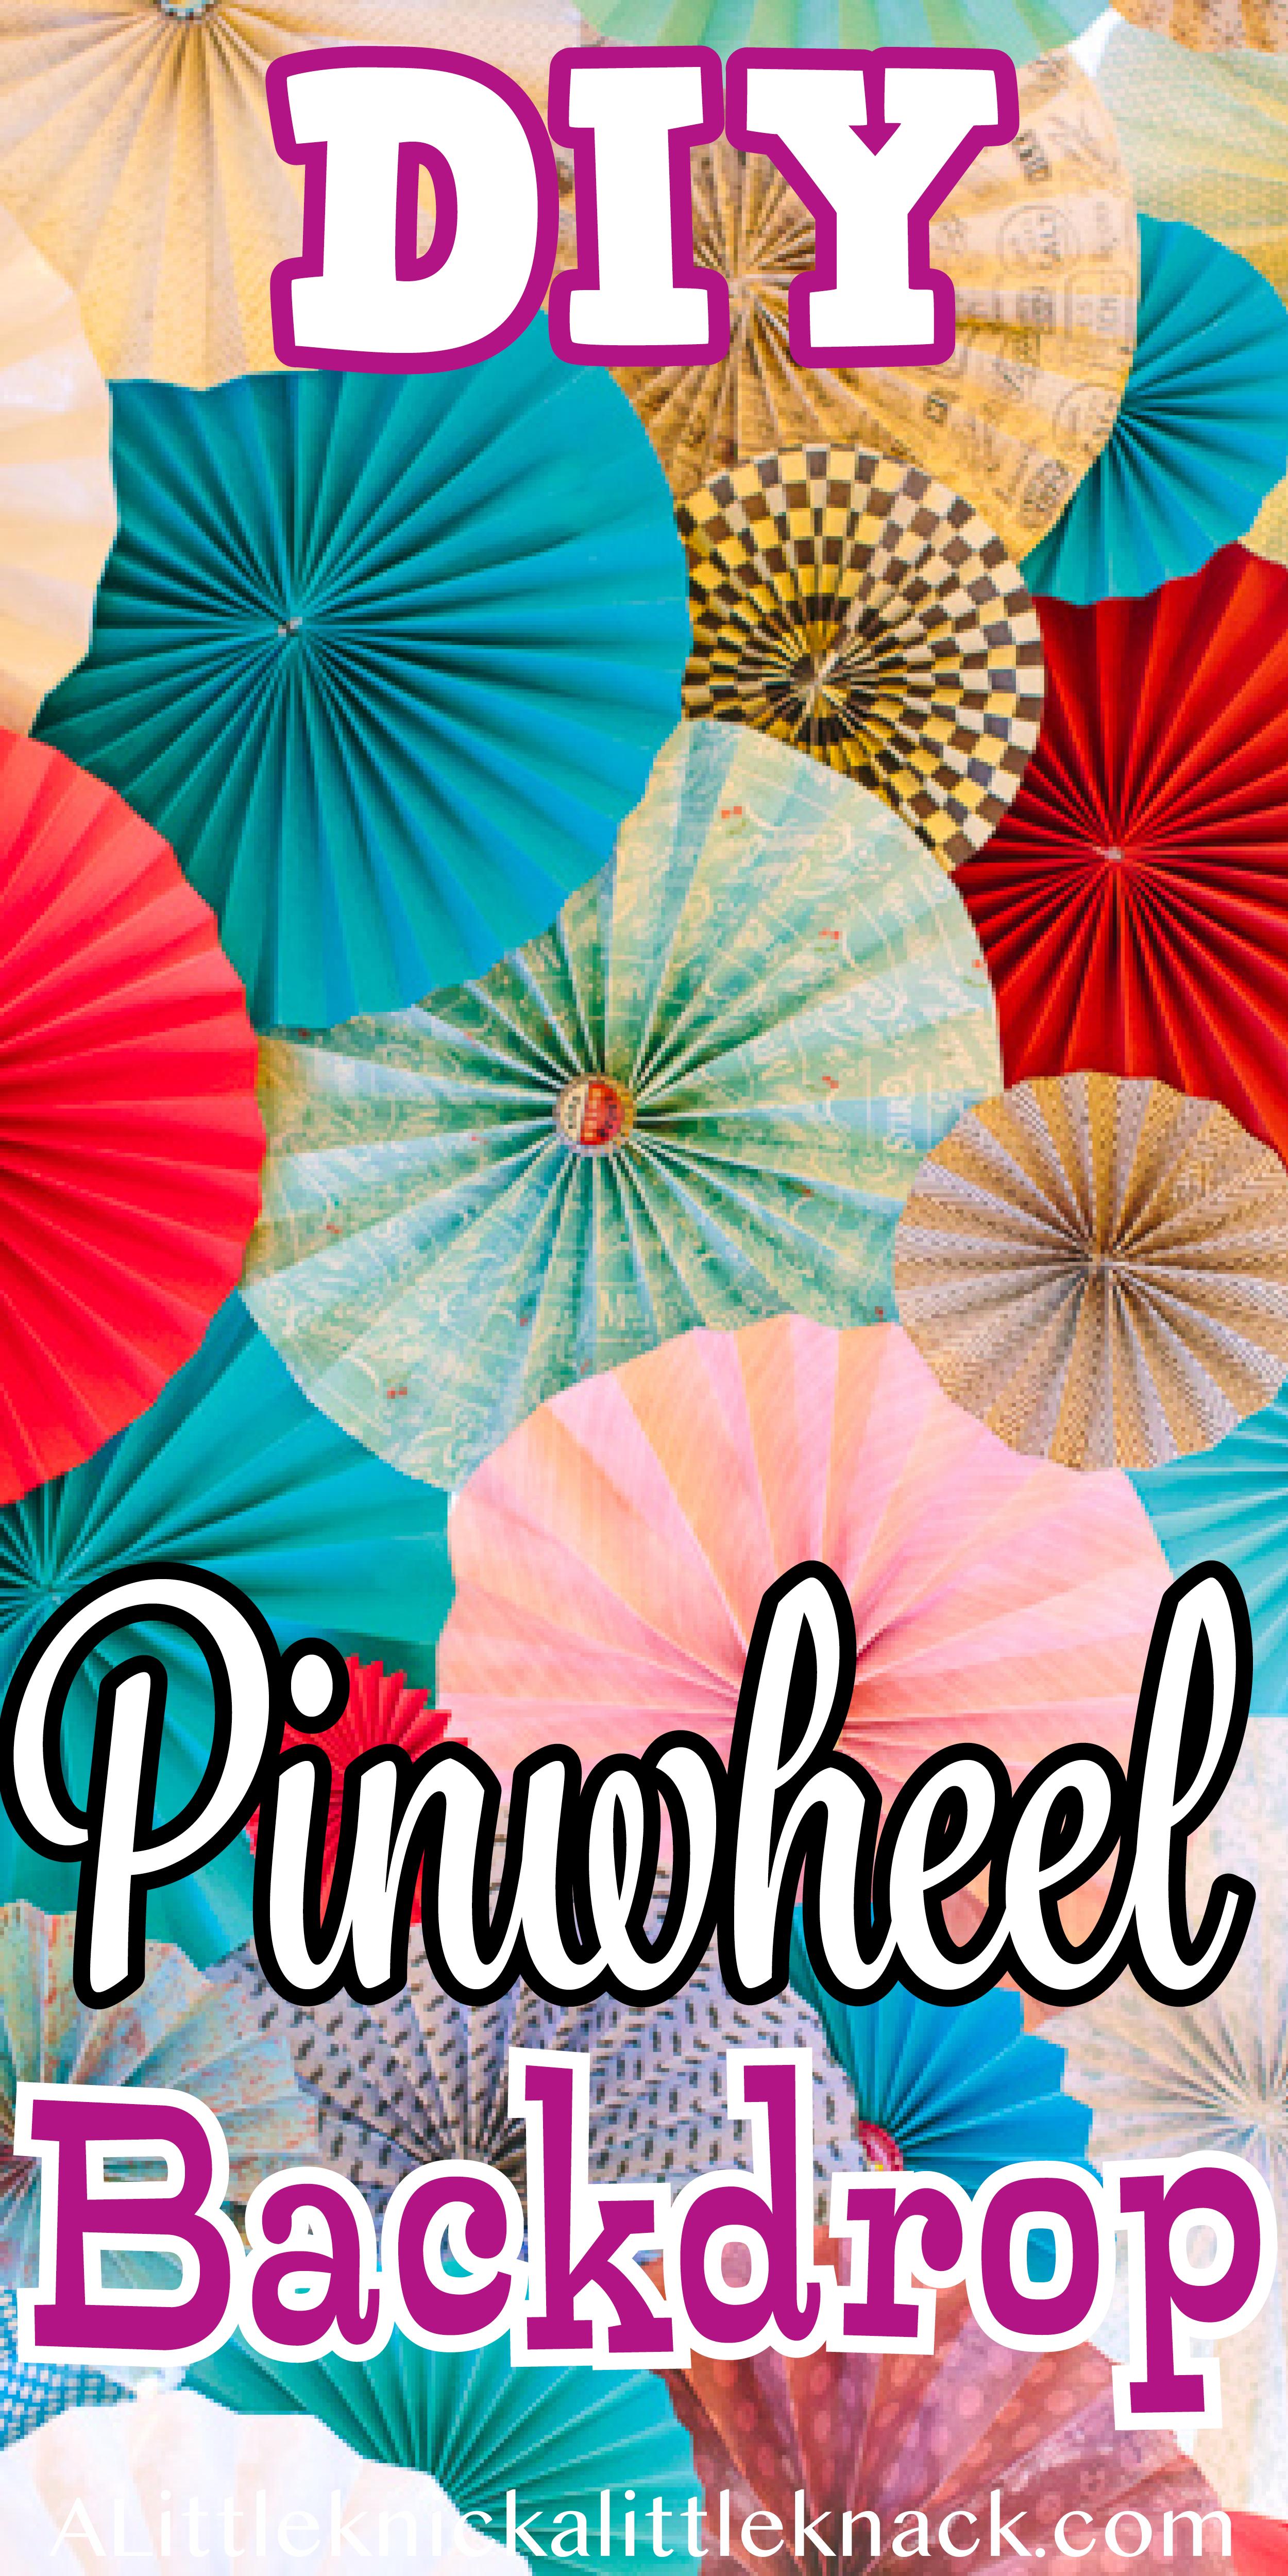 DIY Pinwheel Backdrop (With images) | Diy pinwheel ...